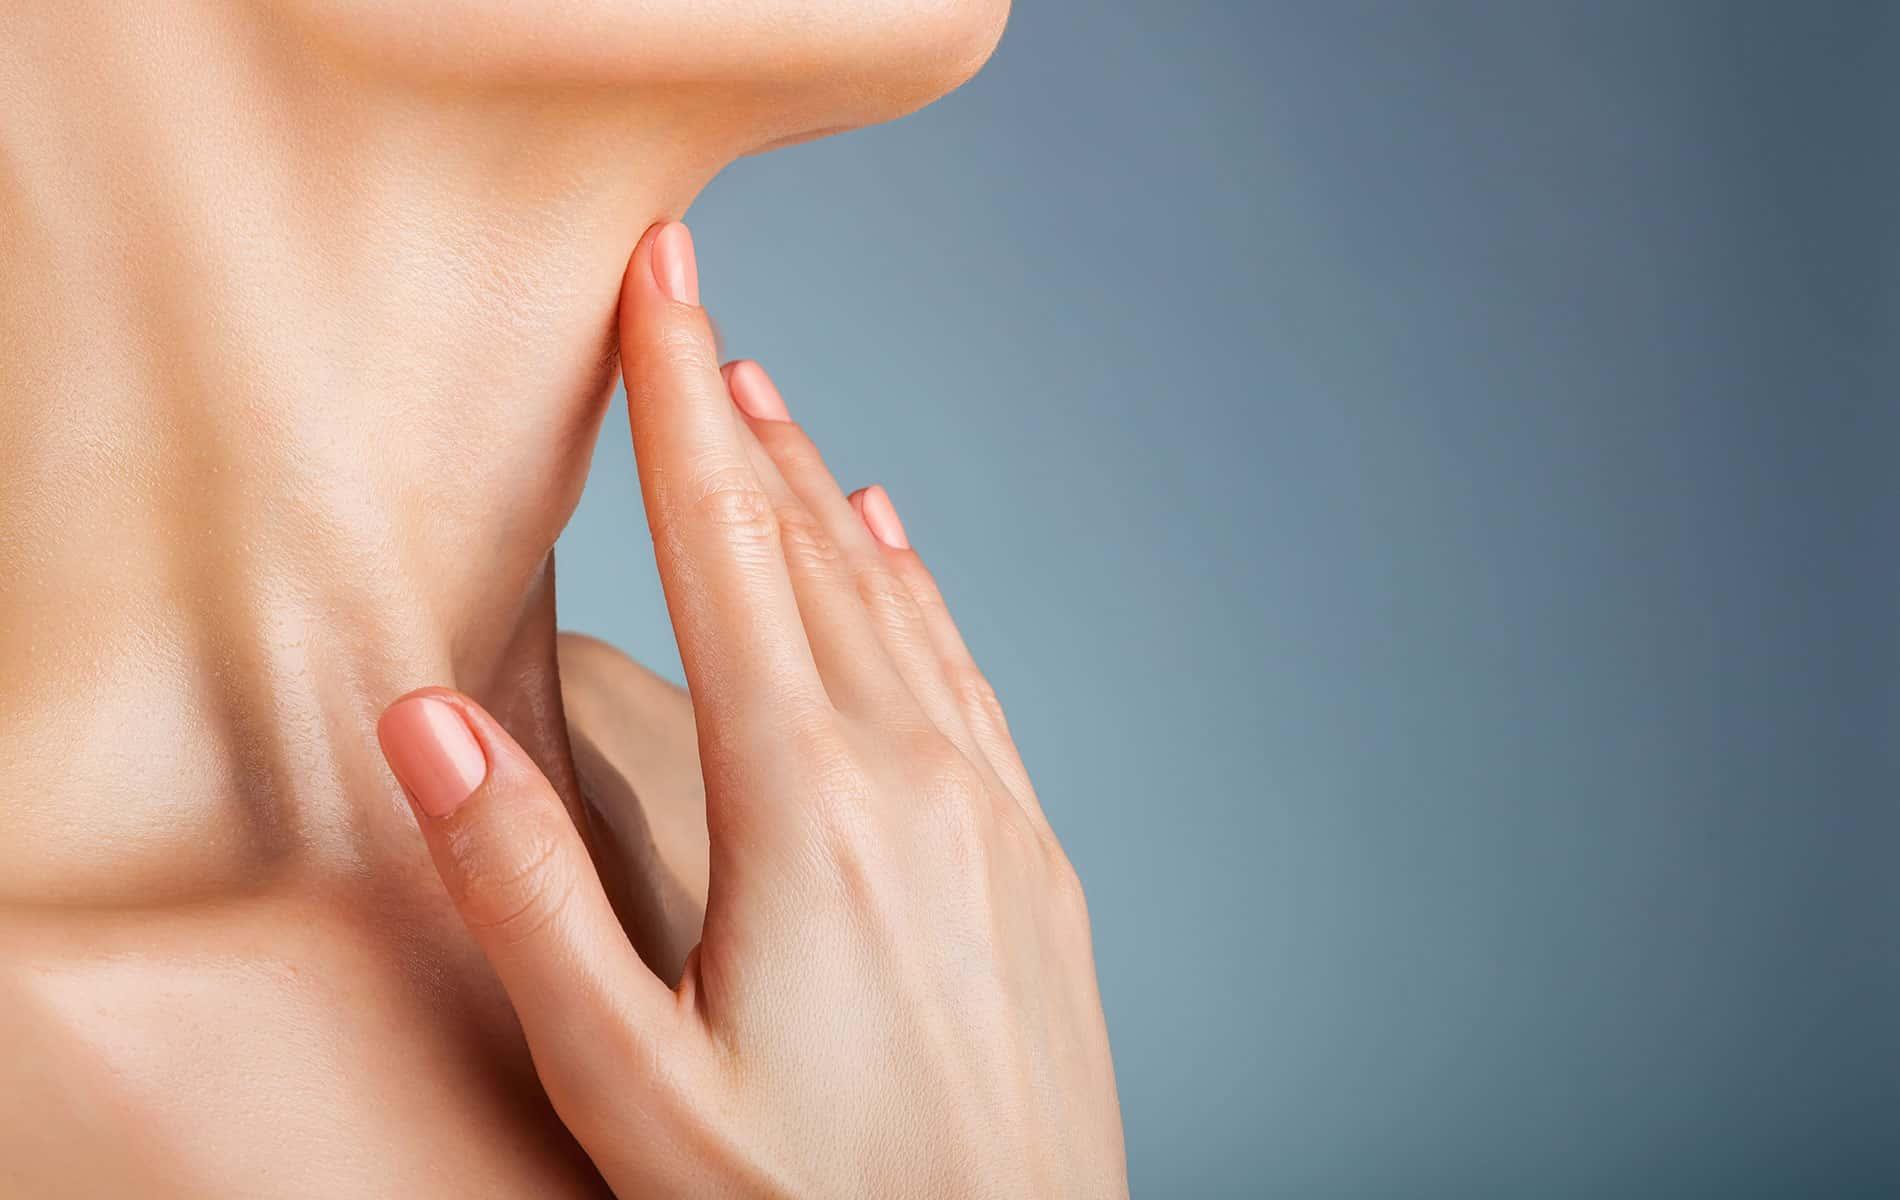 Тиреоидит щитовидной железы – это воспаление или опасная опухоль органа